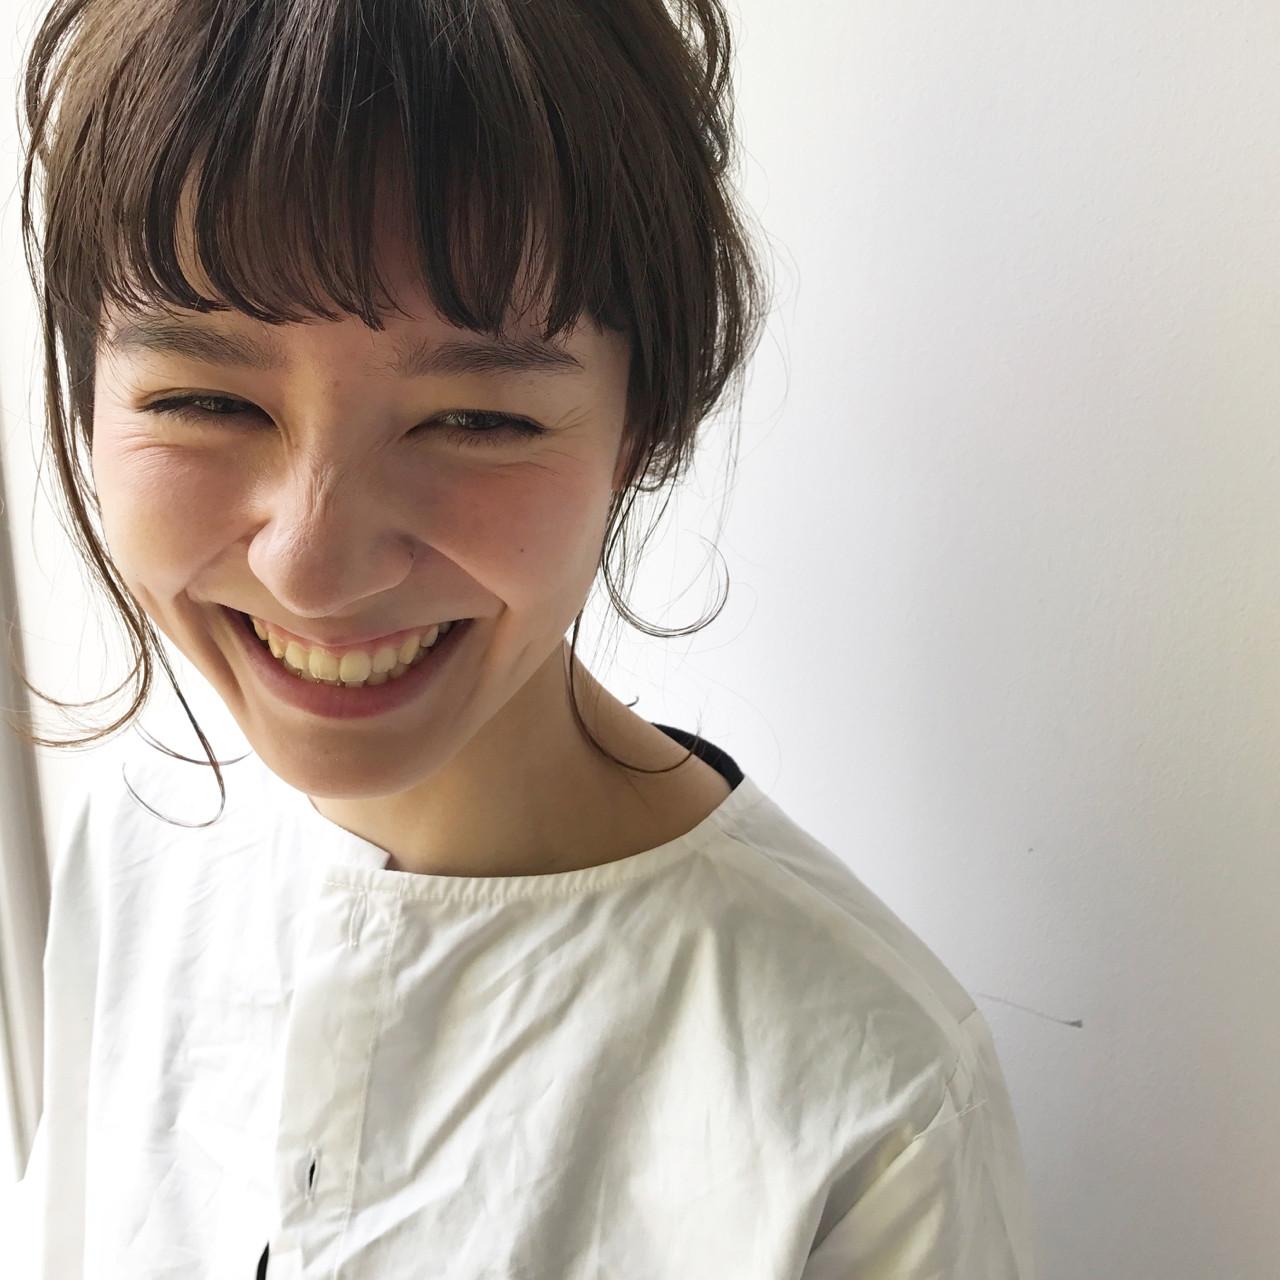 デート ウェーブ アンニュイ ミディアム ヘアスタイルや髪型の写真・画像